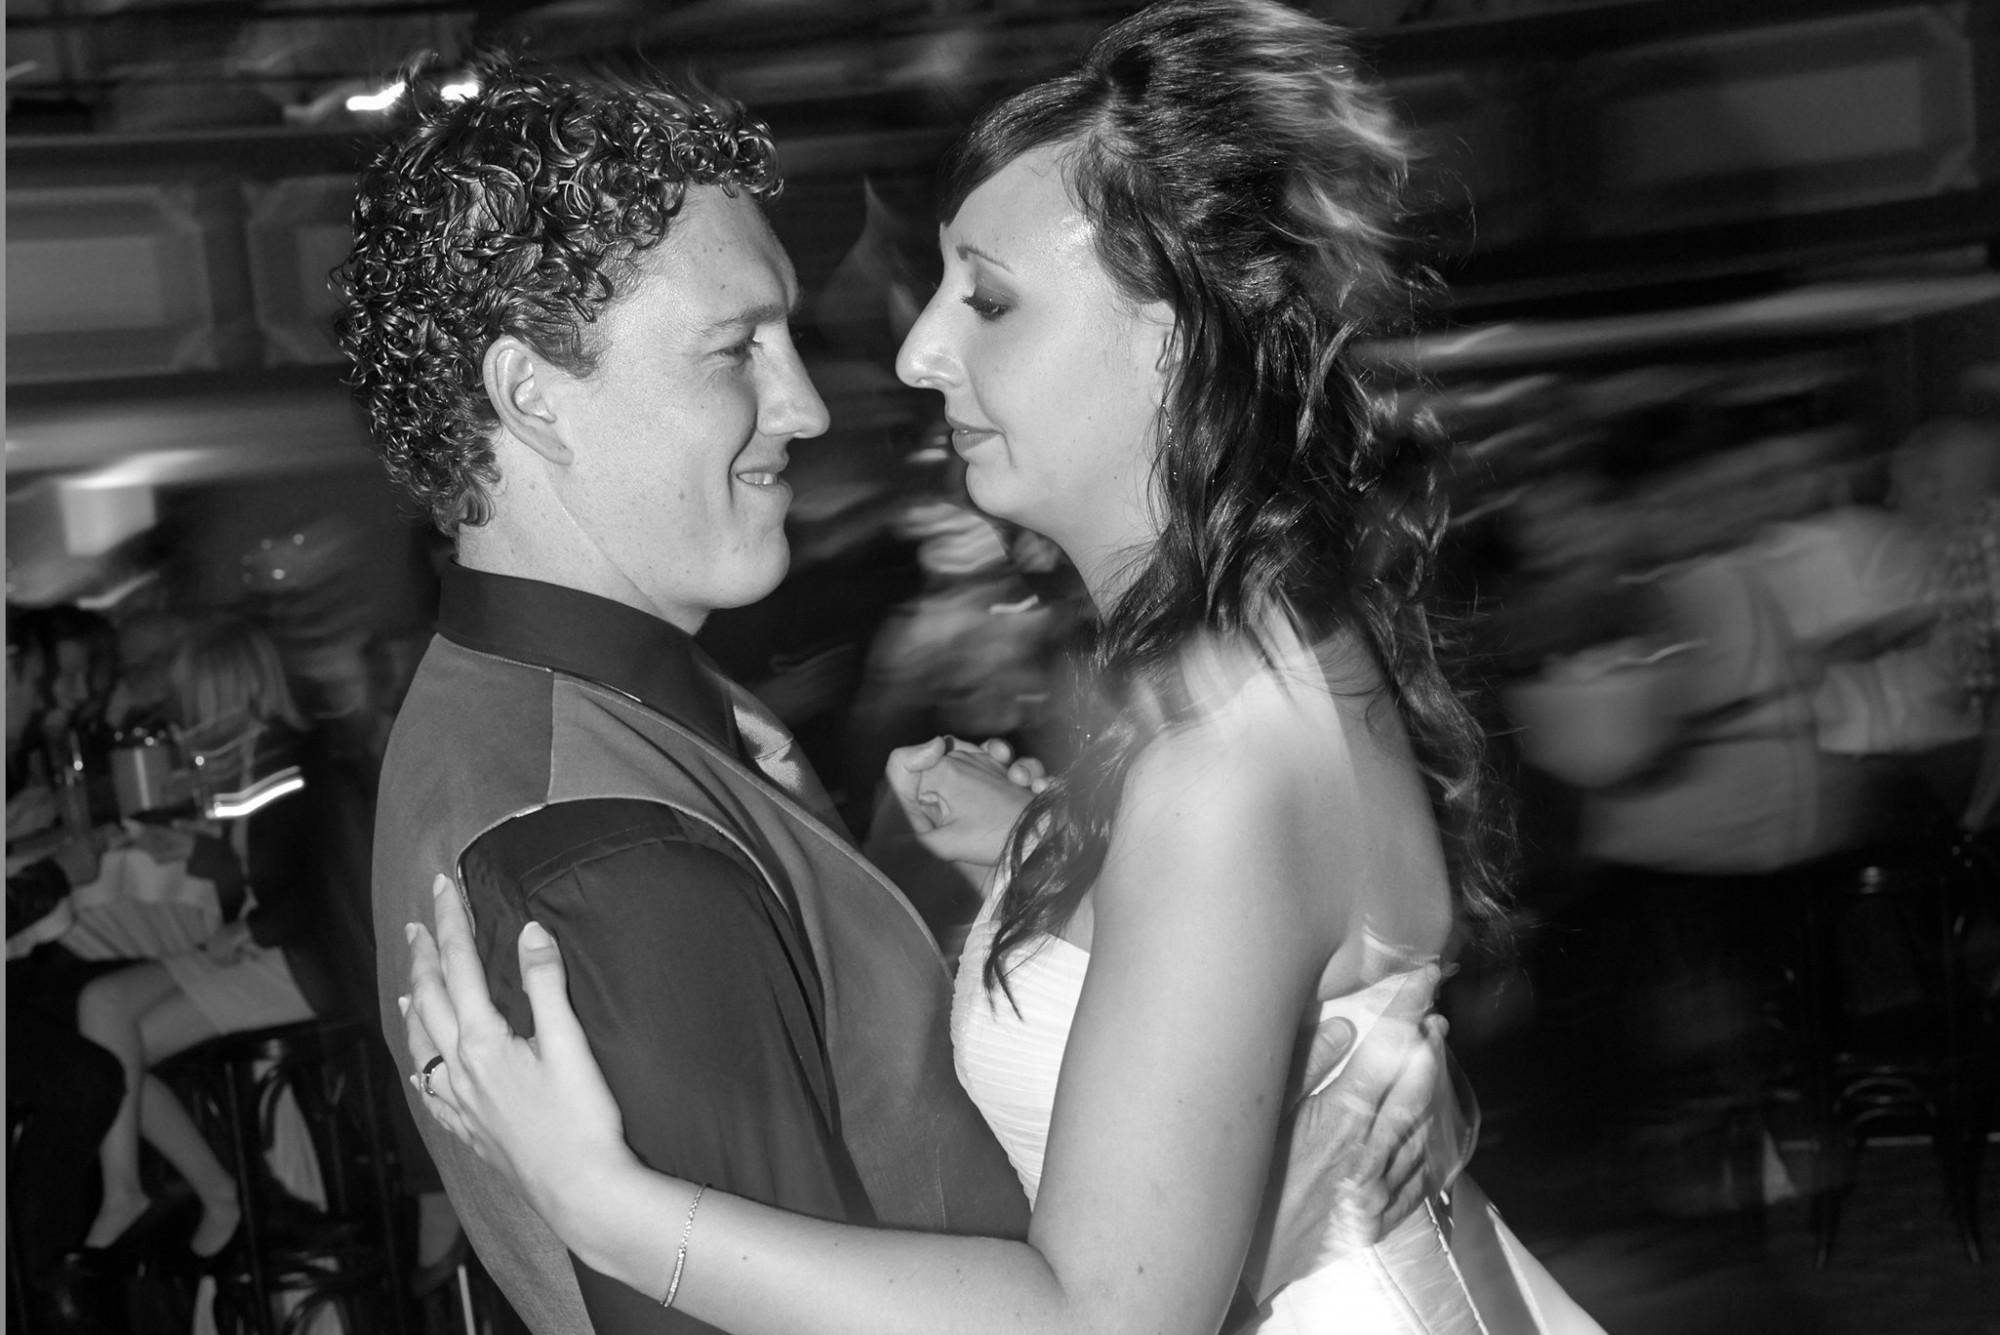 Afbeelding: Huwelijksreportages met stijl, de openingsdans in stijl.